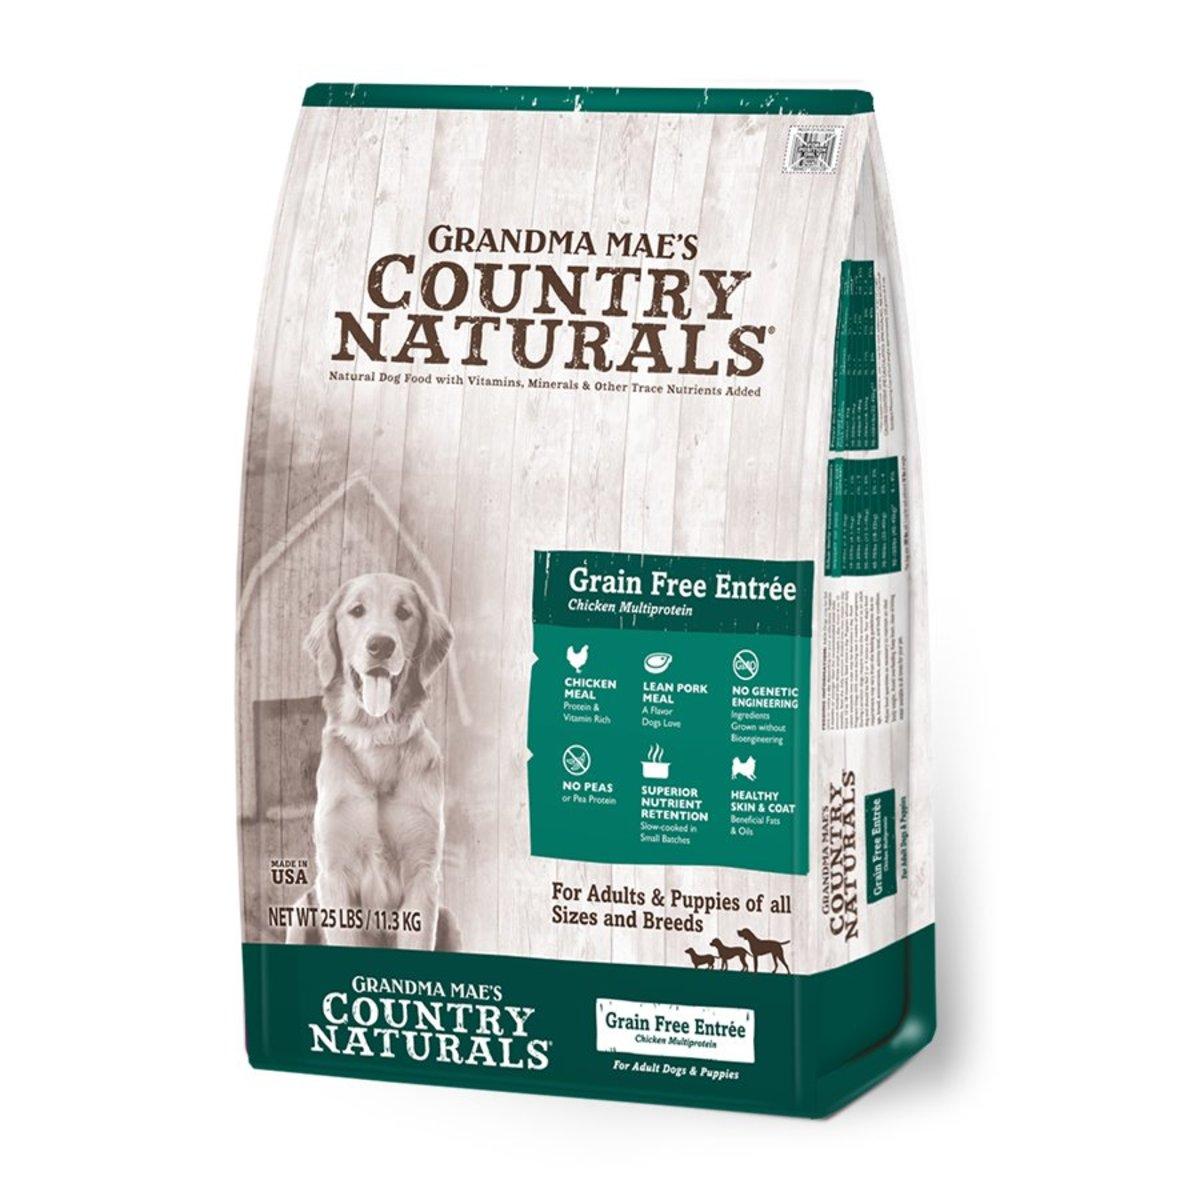 全犬無穀物雞肉配方糧 25lb